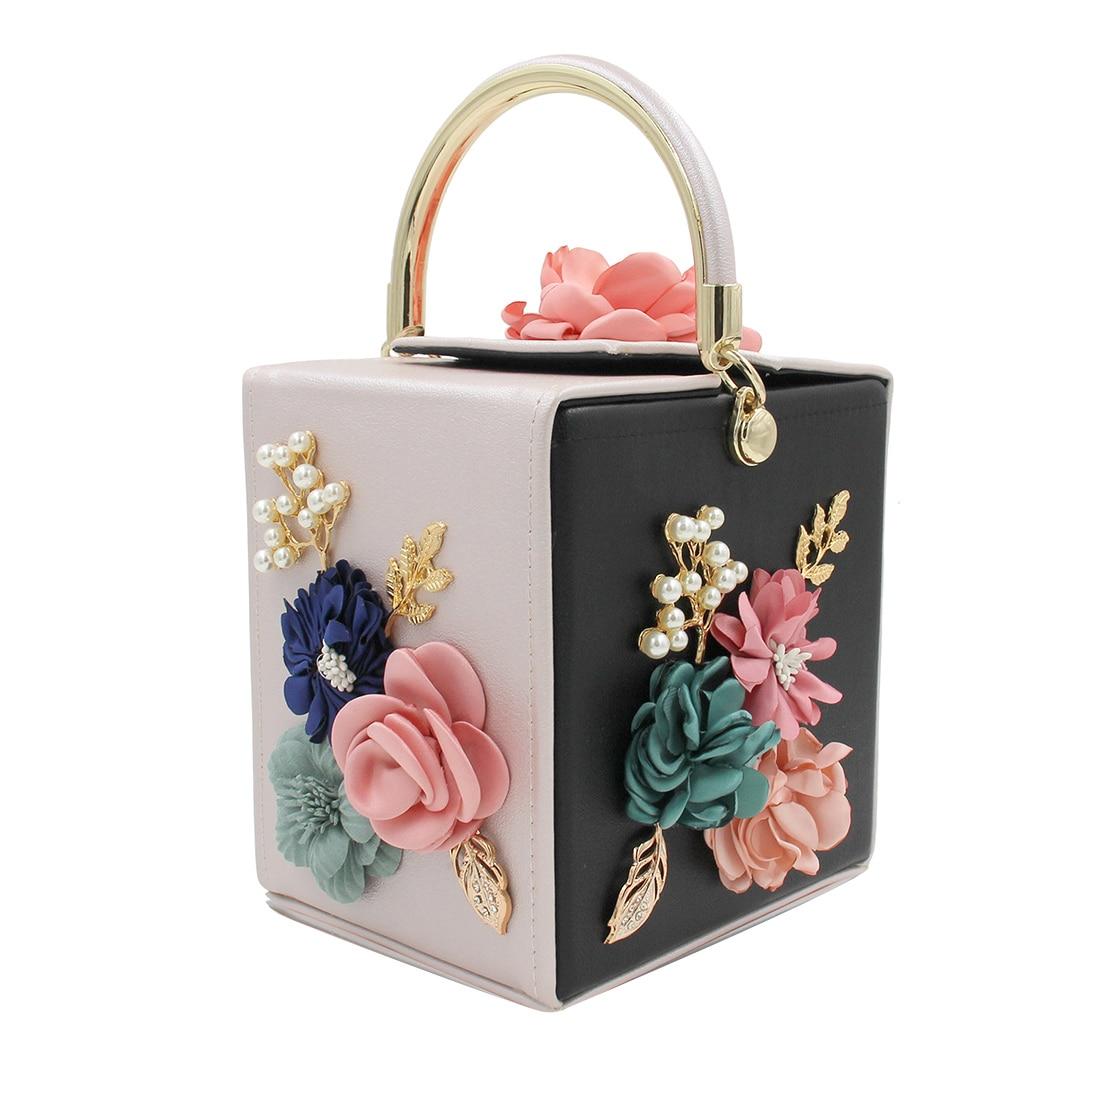 Flower-Handbag Totes Squared-Box Shoulder-Messenger-Bags Evening-Bag-Design Clutch Fashion